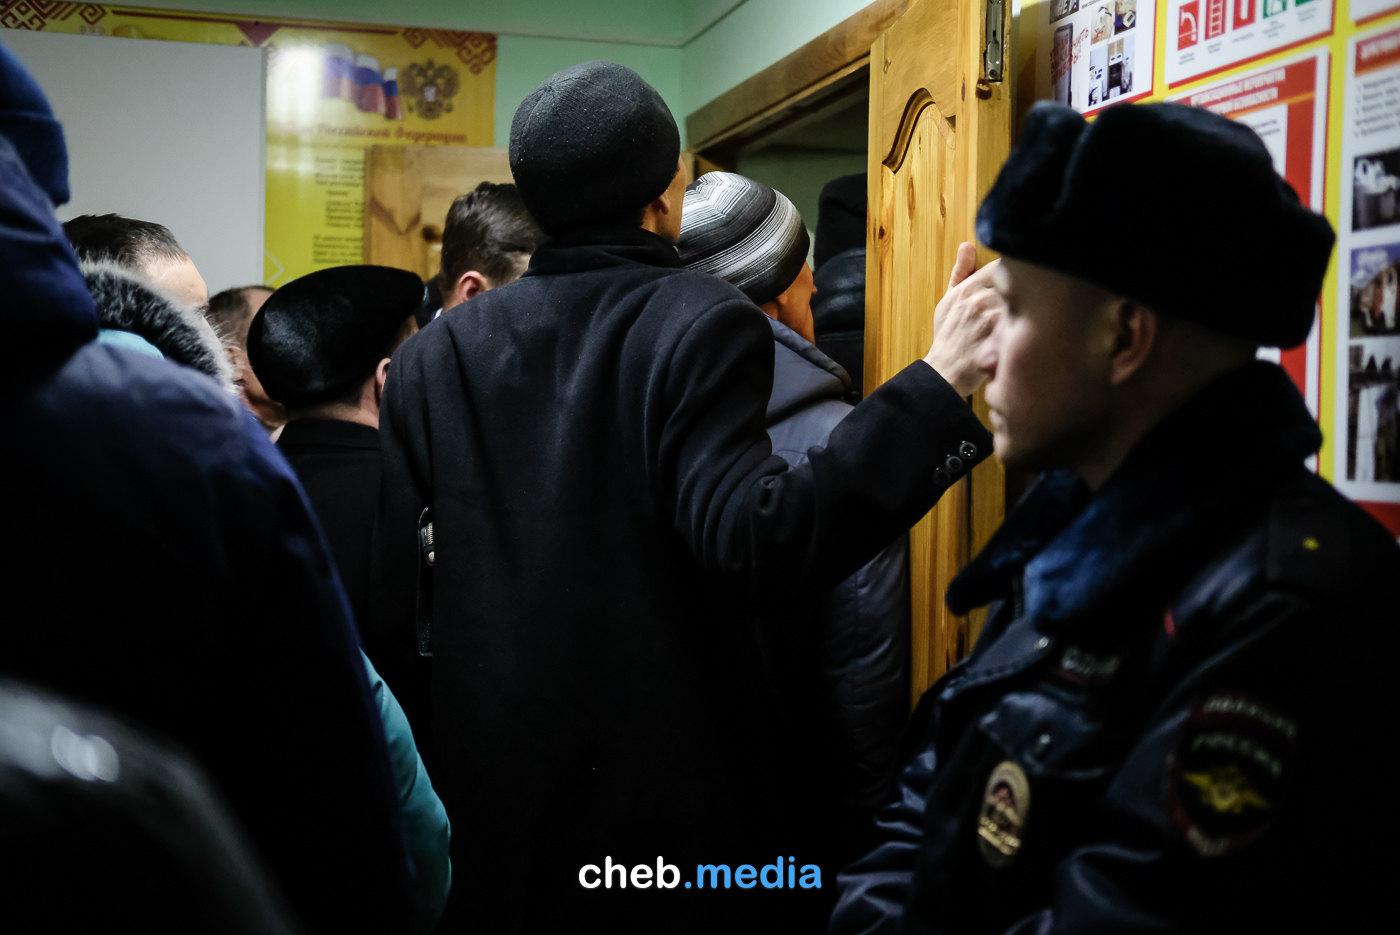 Китайский молокозавод в Чувашии: жители против, но что это меняет? Репортаж с публичных слушаний